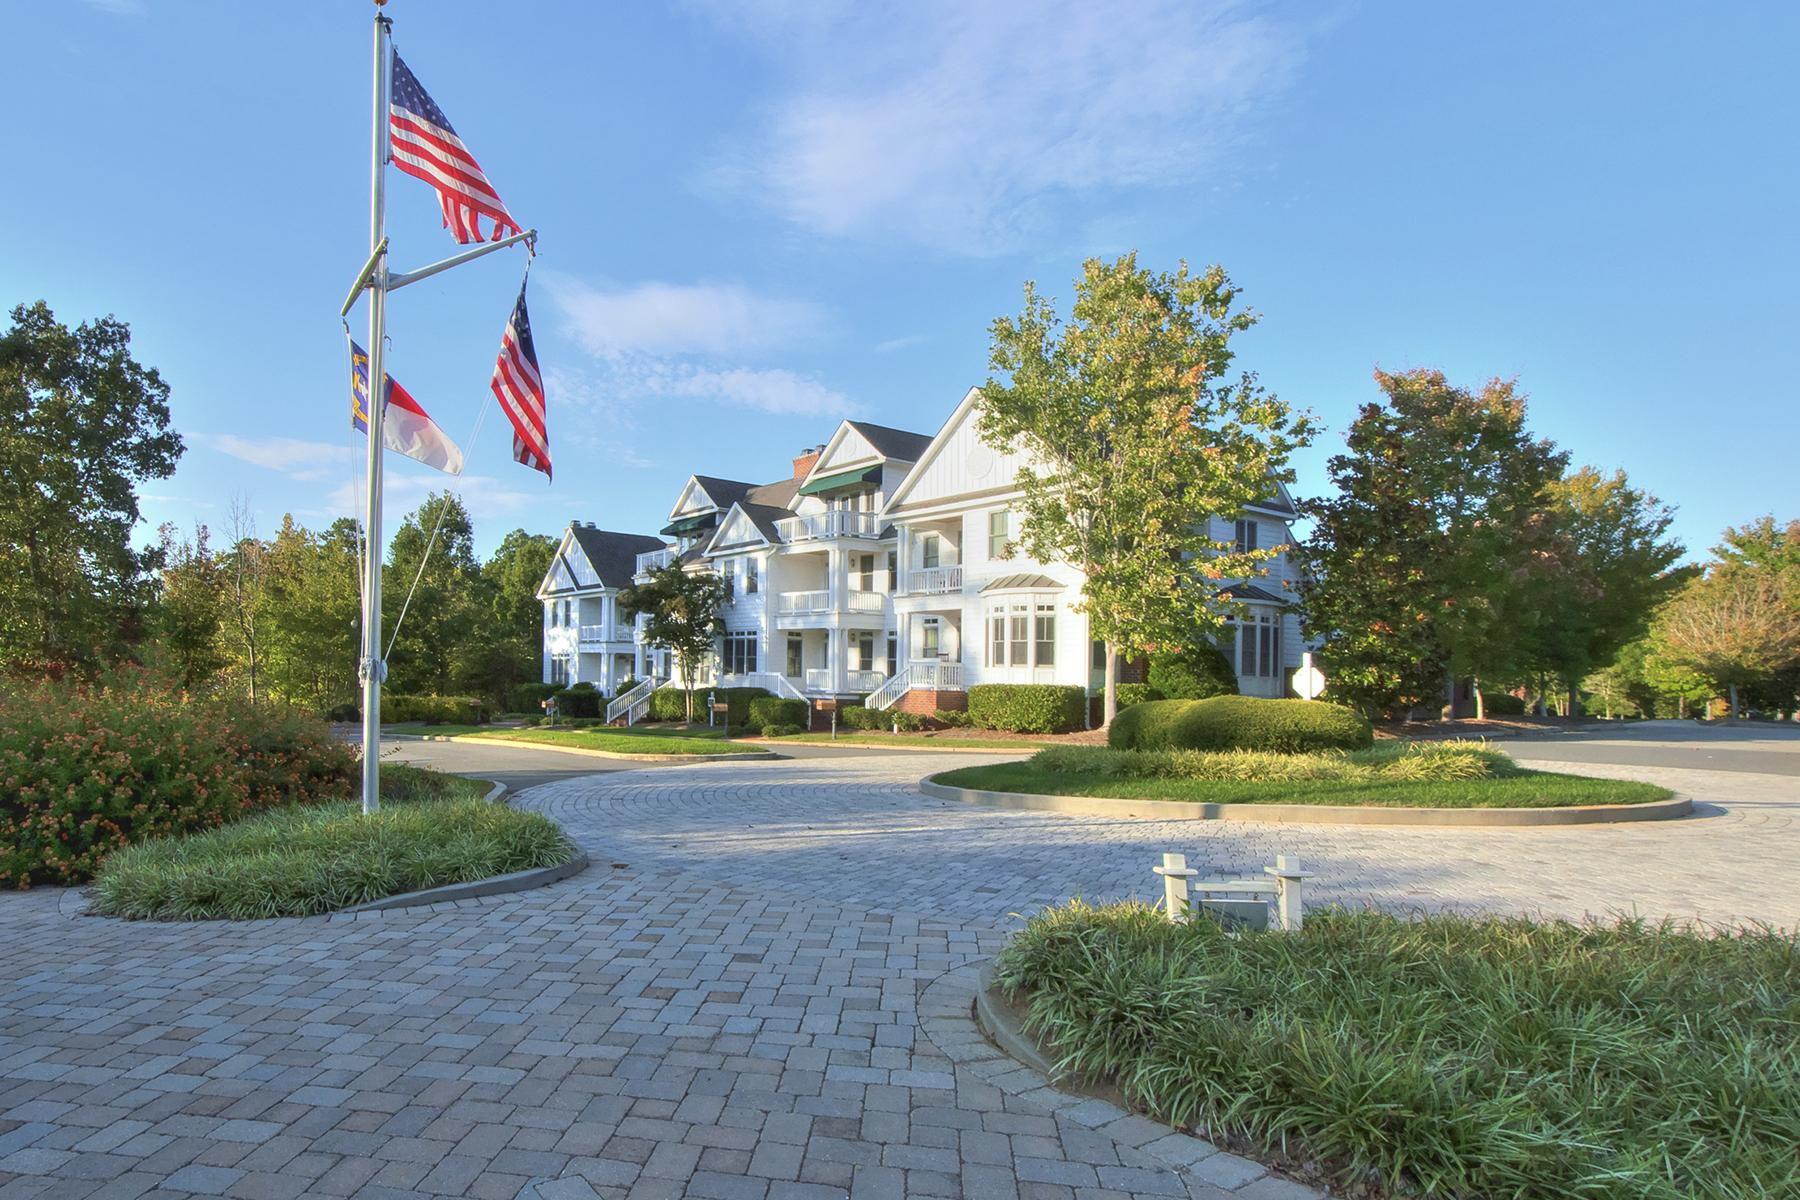 Casa unifamiliar adosada (Townhouse) por un Venta en UWHARRIE POINT 144 Waterton Ln 35 New London, Carolina Del Norte, 28127 Estados Unidos